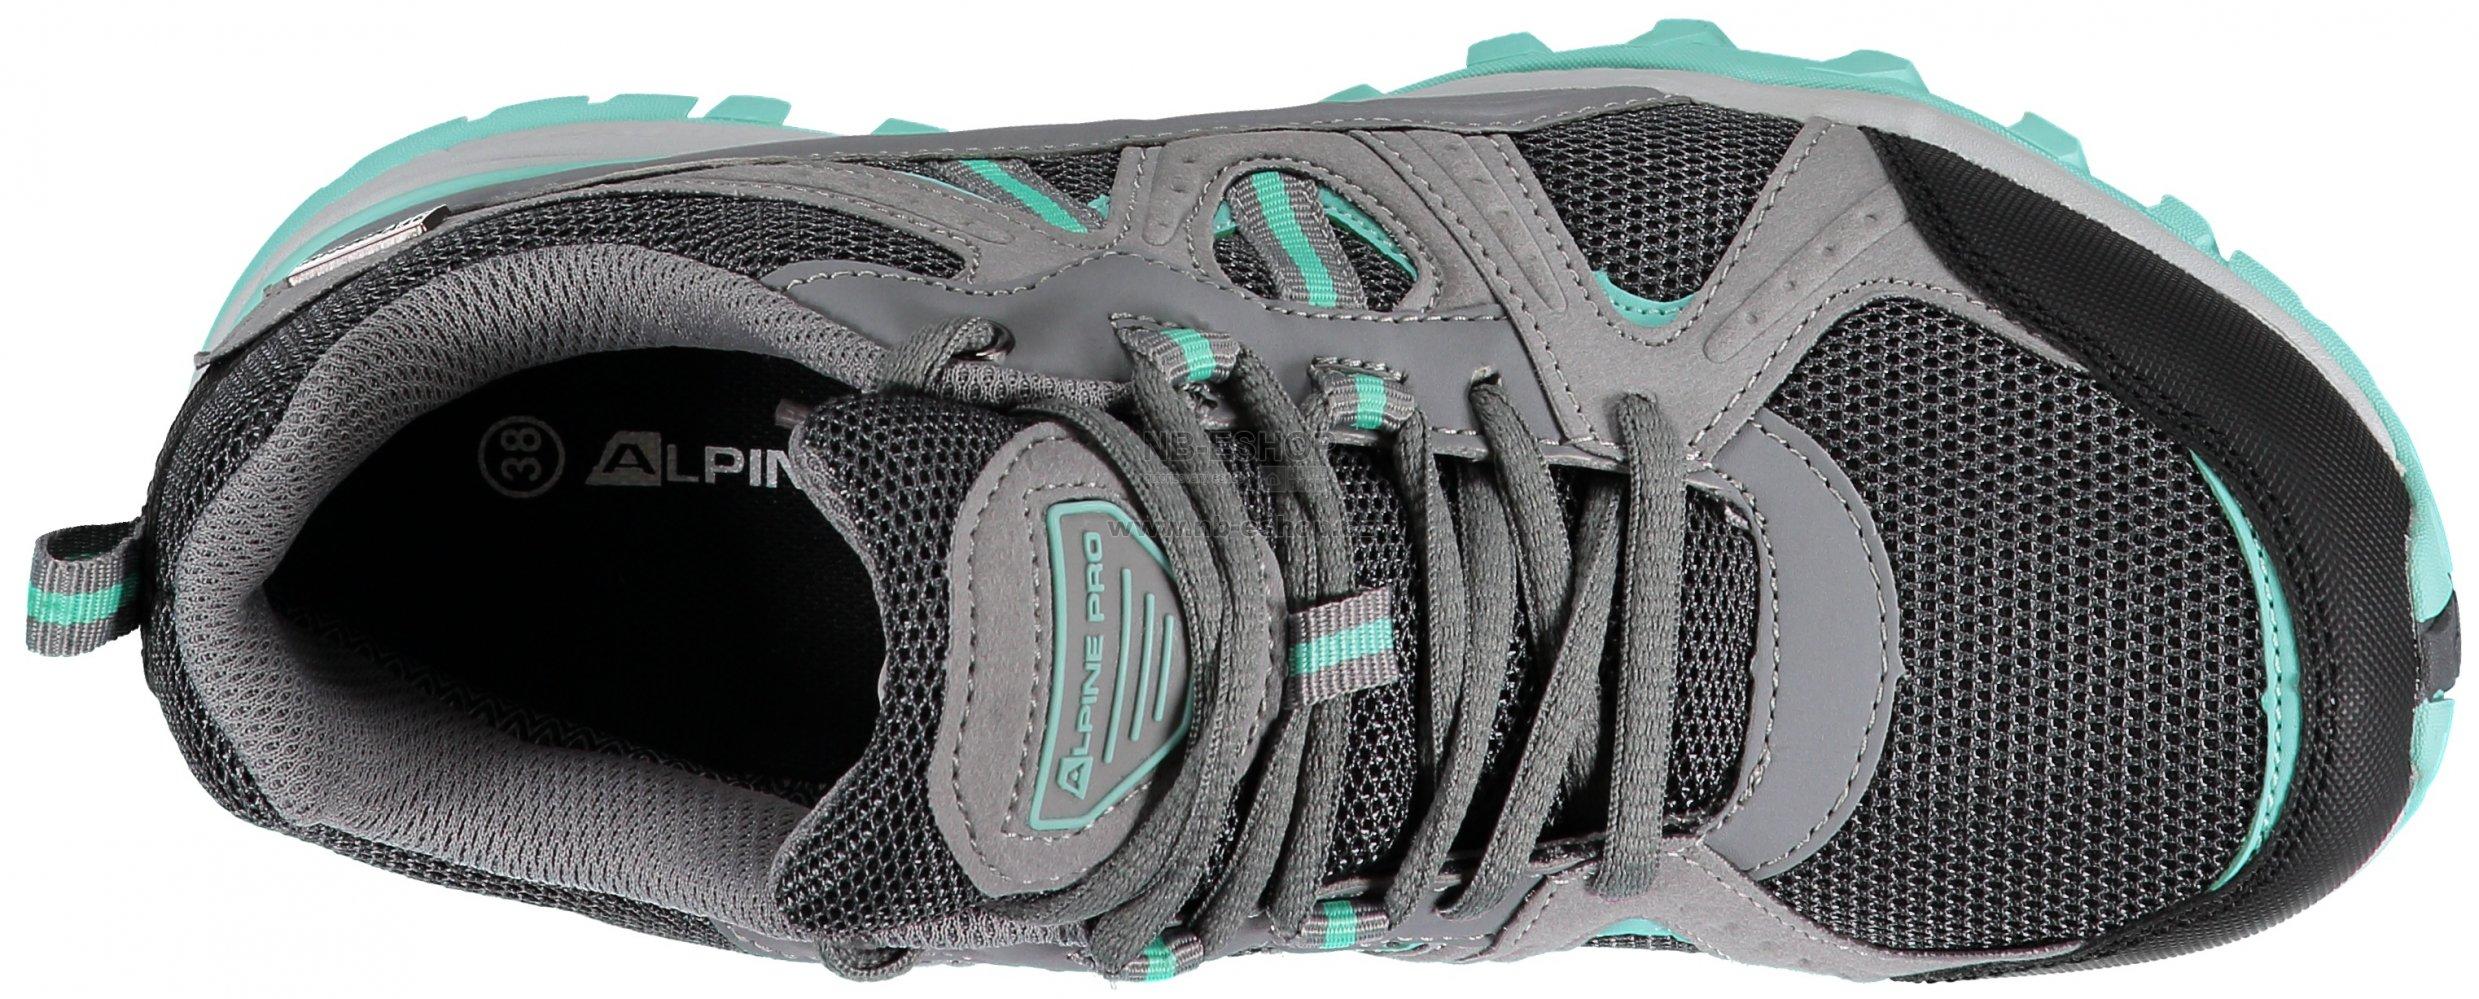 Dámská turistická obuv ALPINE PRO TORA LBTM177 ŠEDÁ velikost  EU 39 ... fe9fe53f023